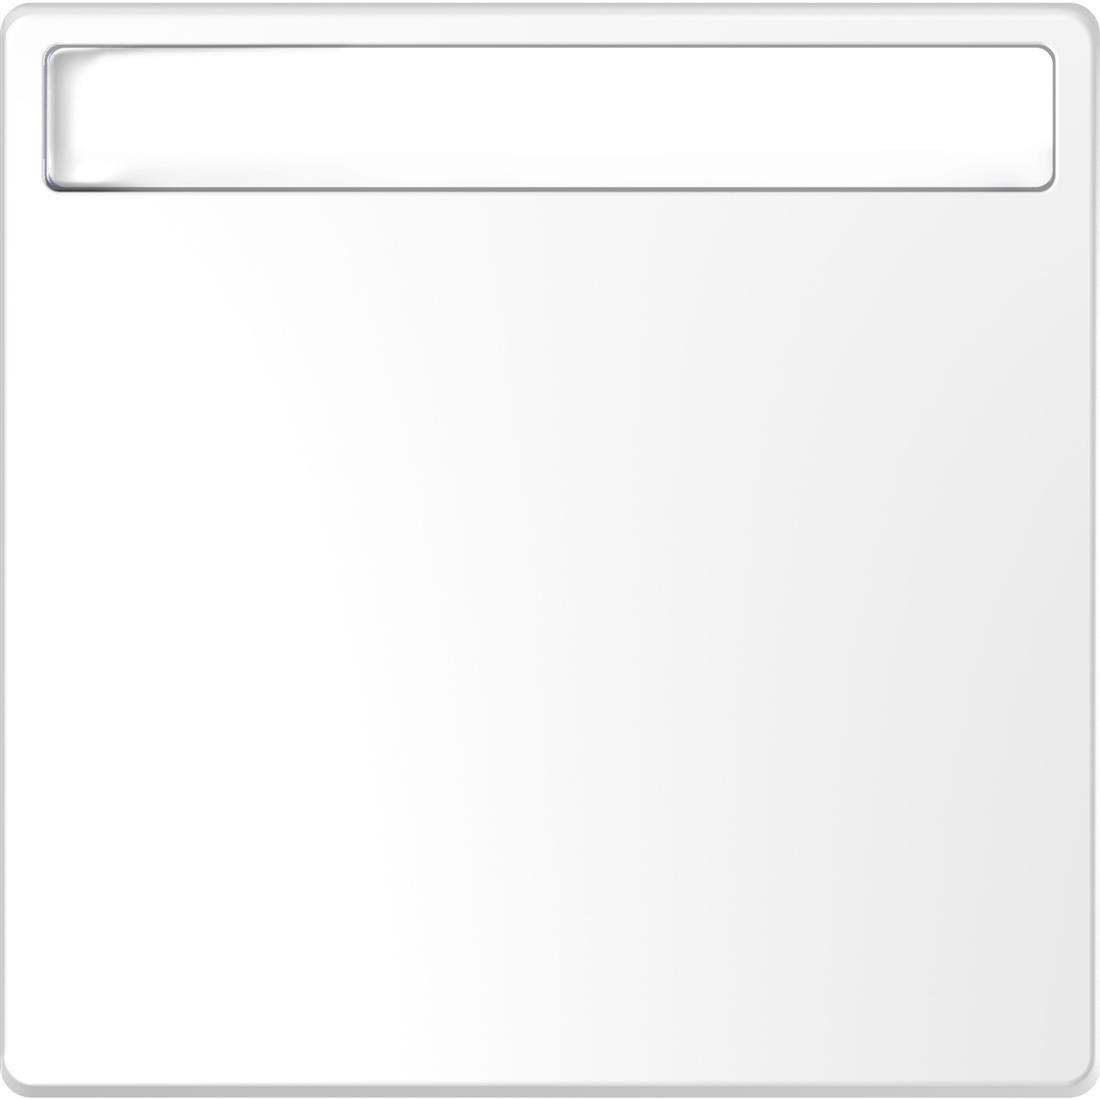 Schneider-Merten D Life wisselwip met controlevenster - lotuswit (MTN3360-6035)